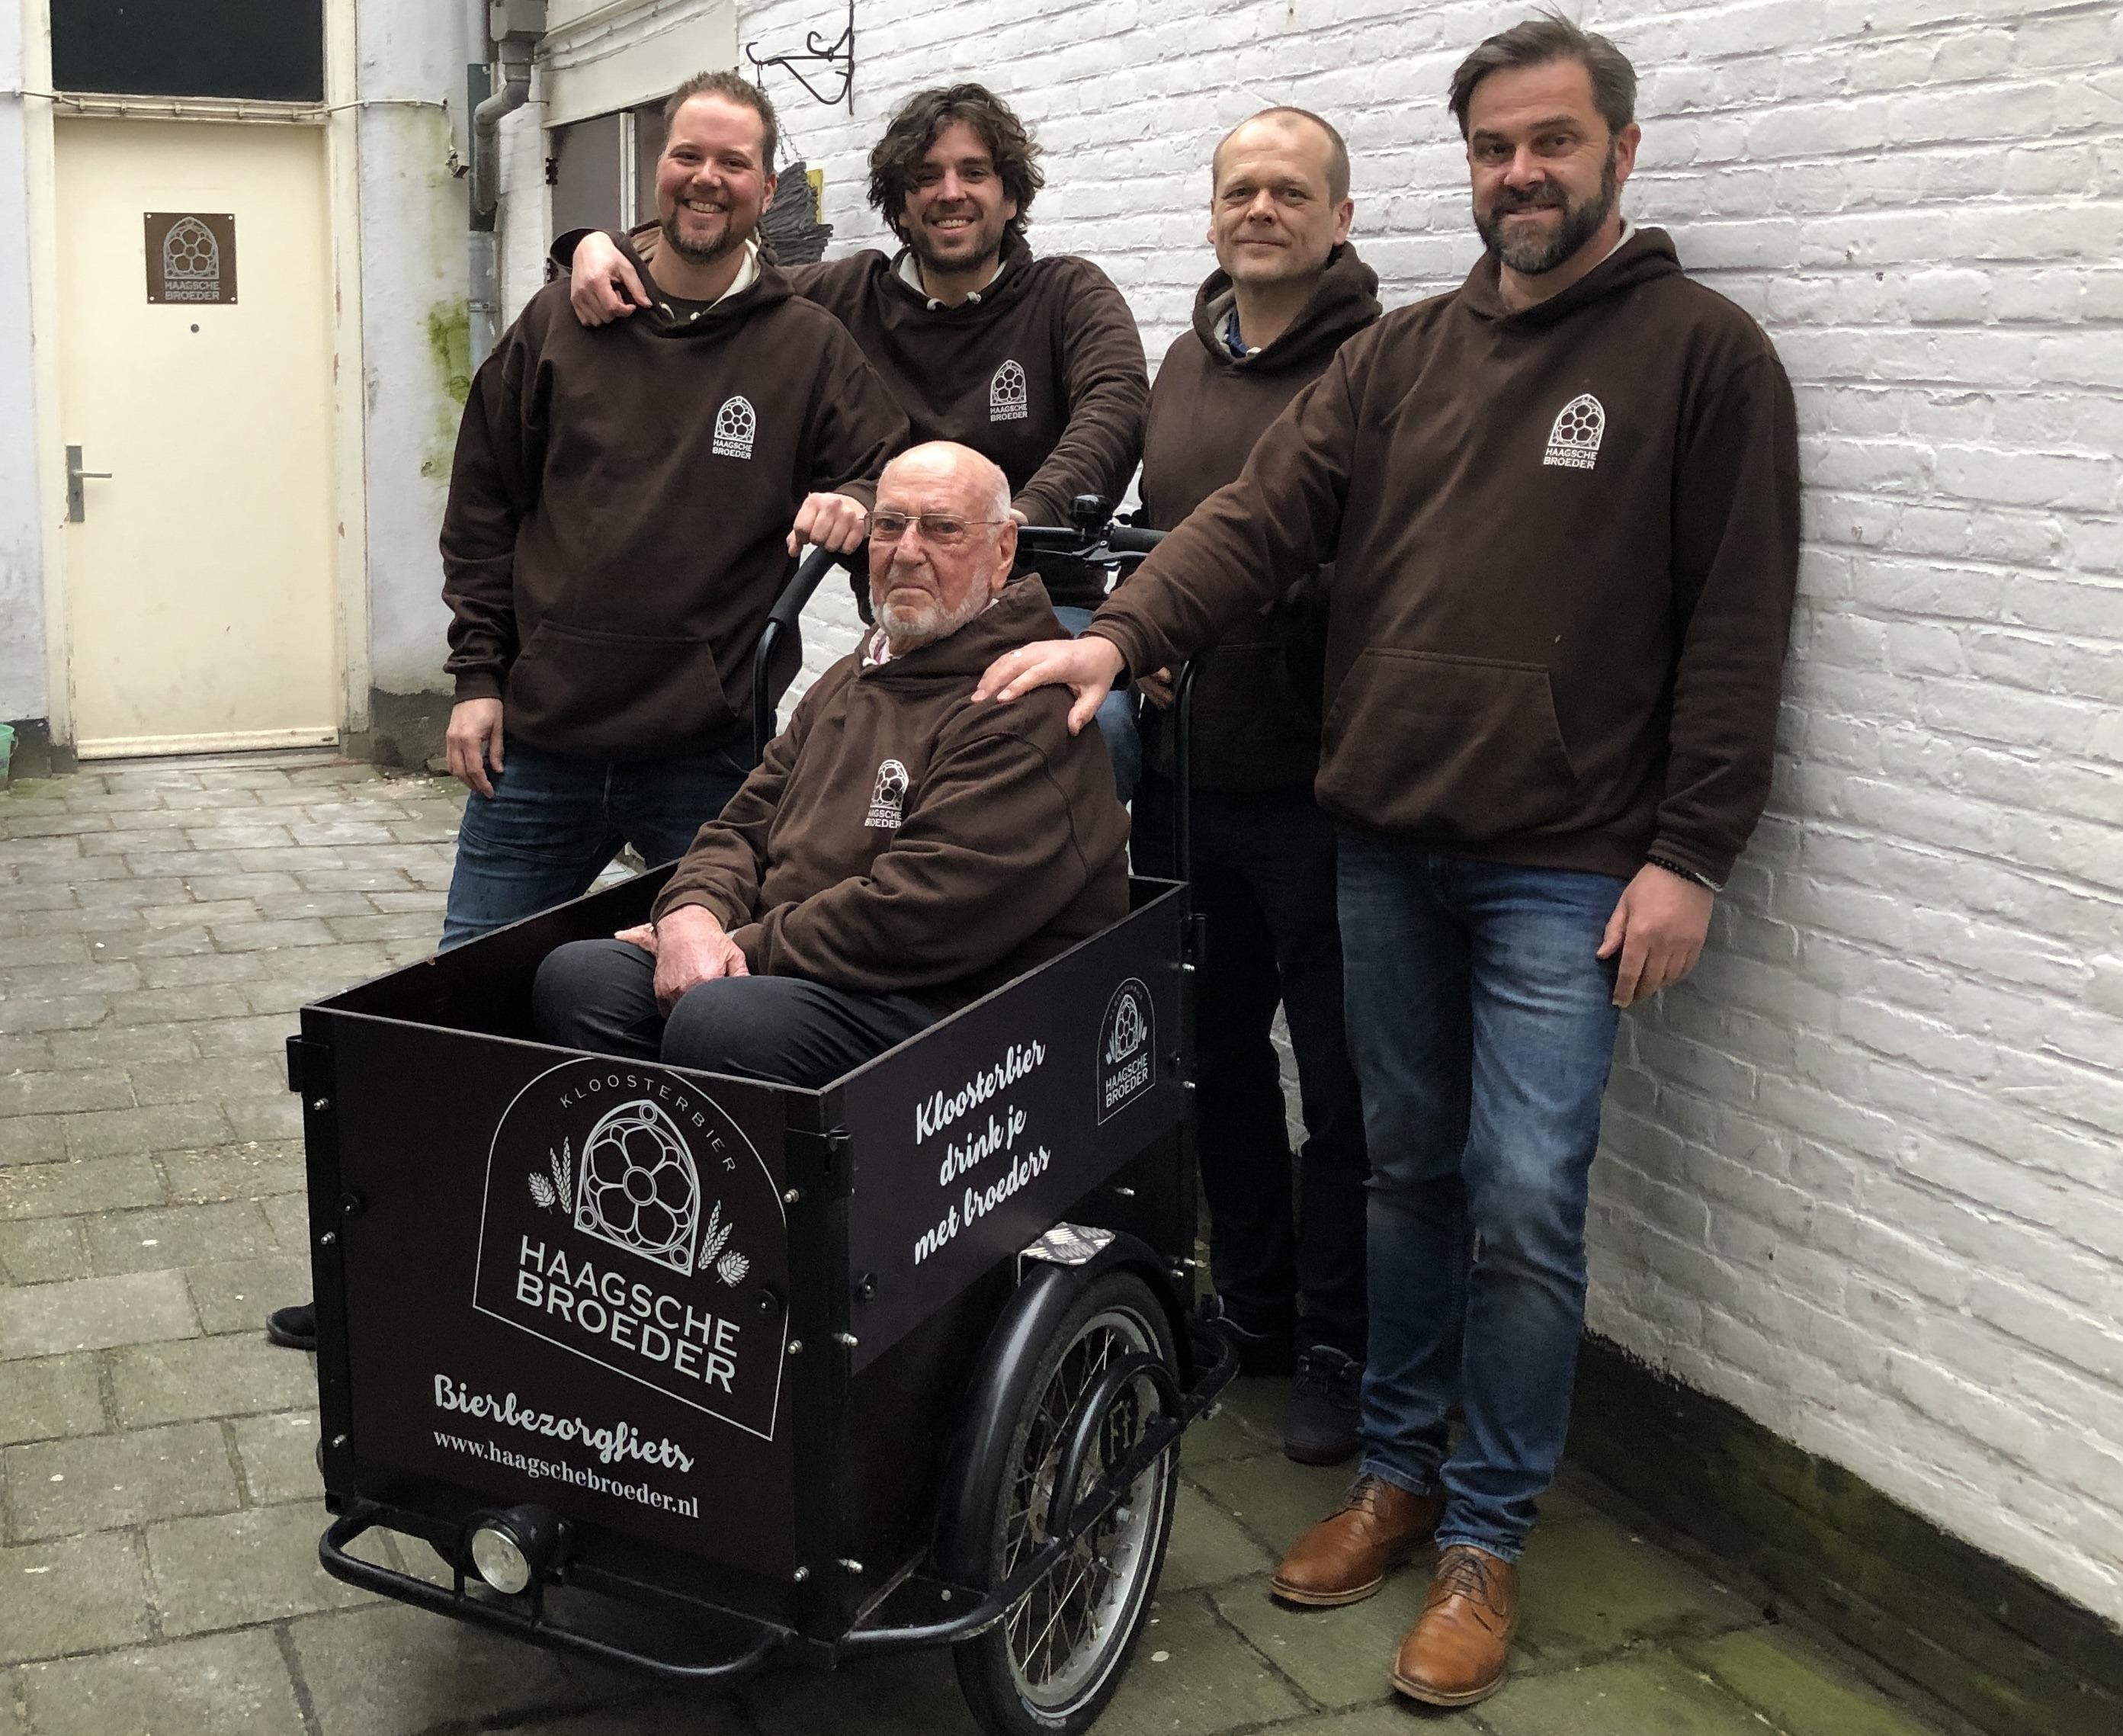 Brouwers Haagsche Broeders